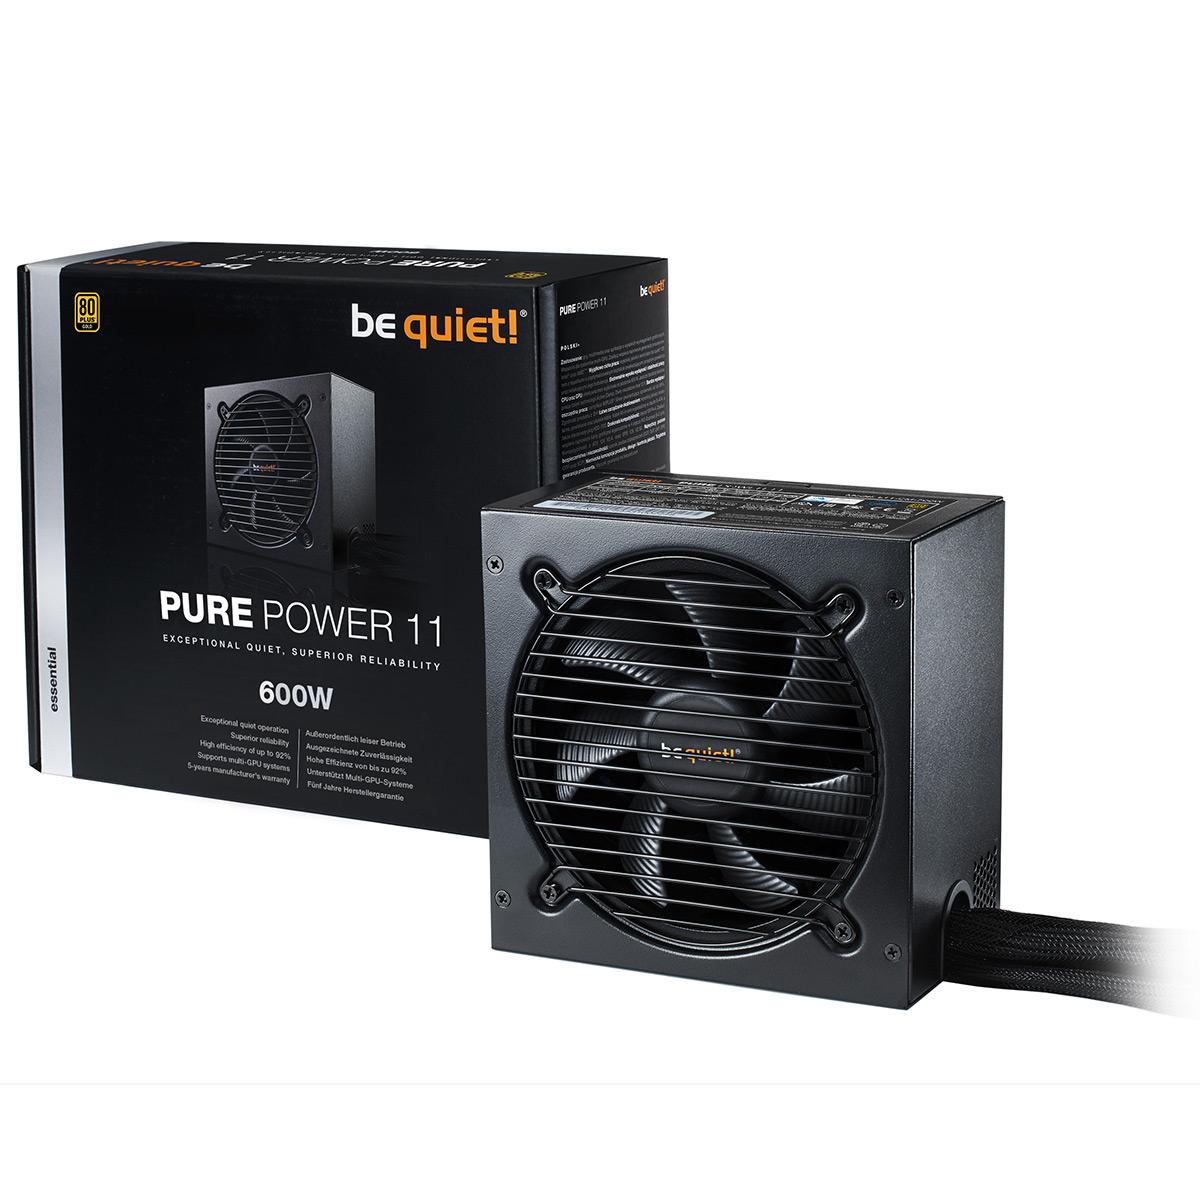 Alimentation PC be quiet! Pure Power 11 600W 80PLUS Gold Alimentation 600W ATX 12V 2.4 (Garantie 5 ans constructeur) - 80PLUS Gold